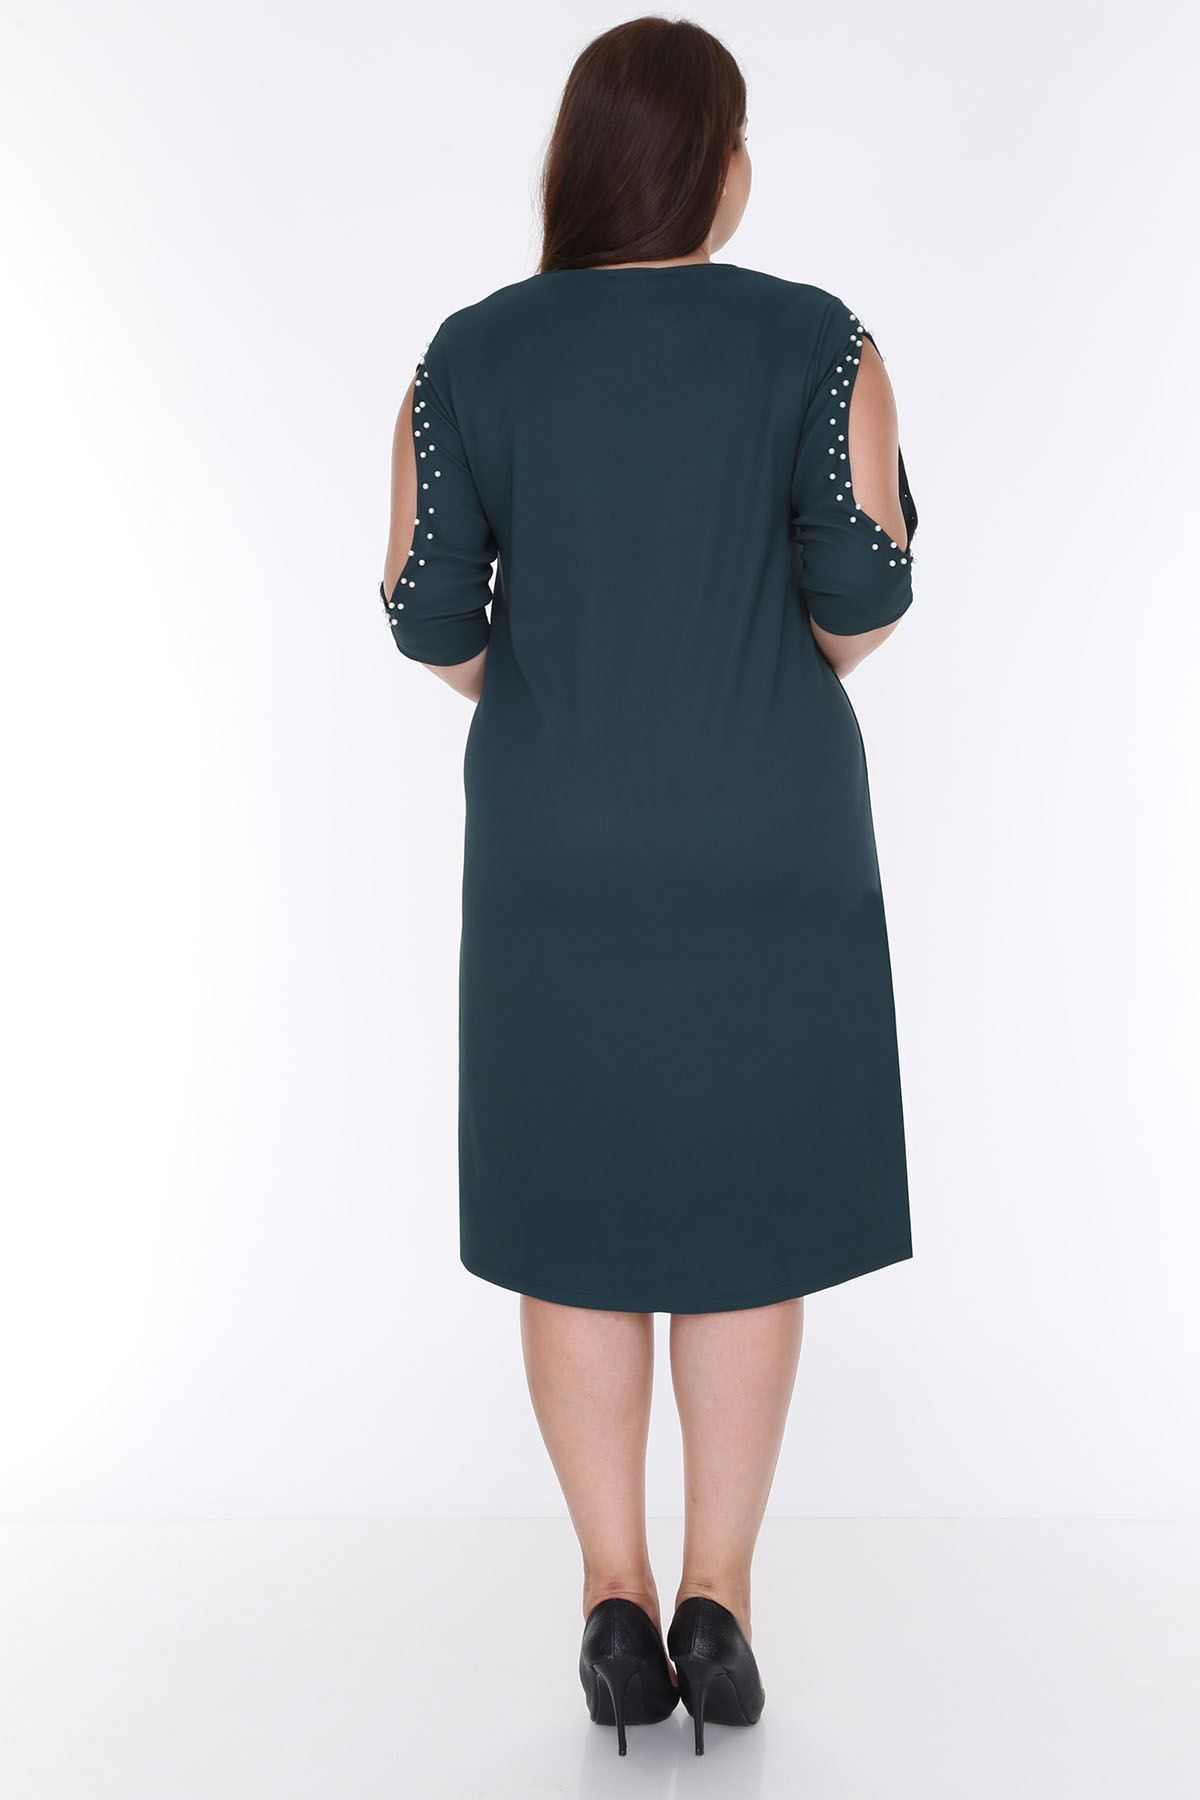 Kol İncili Yeşil Büyük Beden Elbise 2B-0621